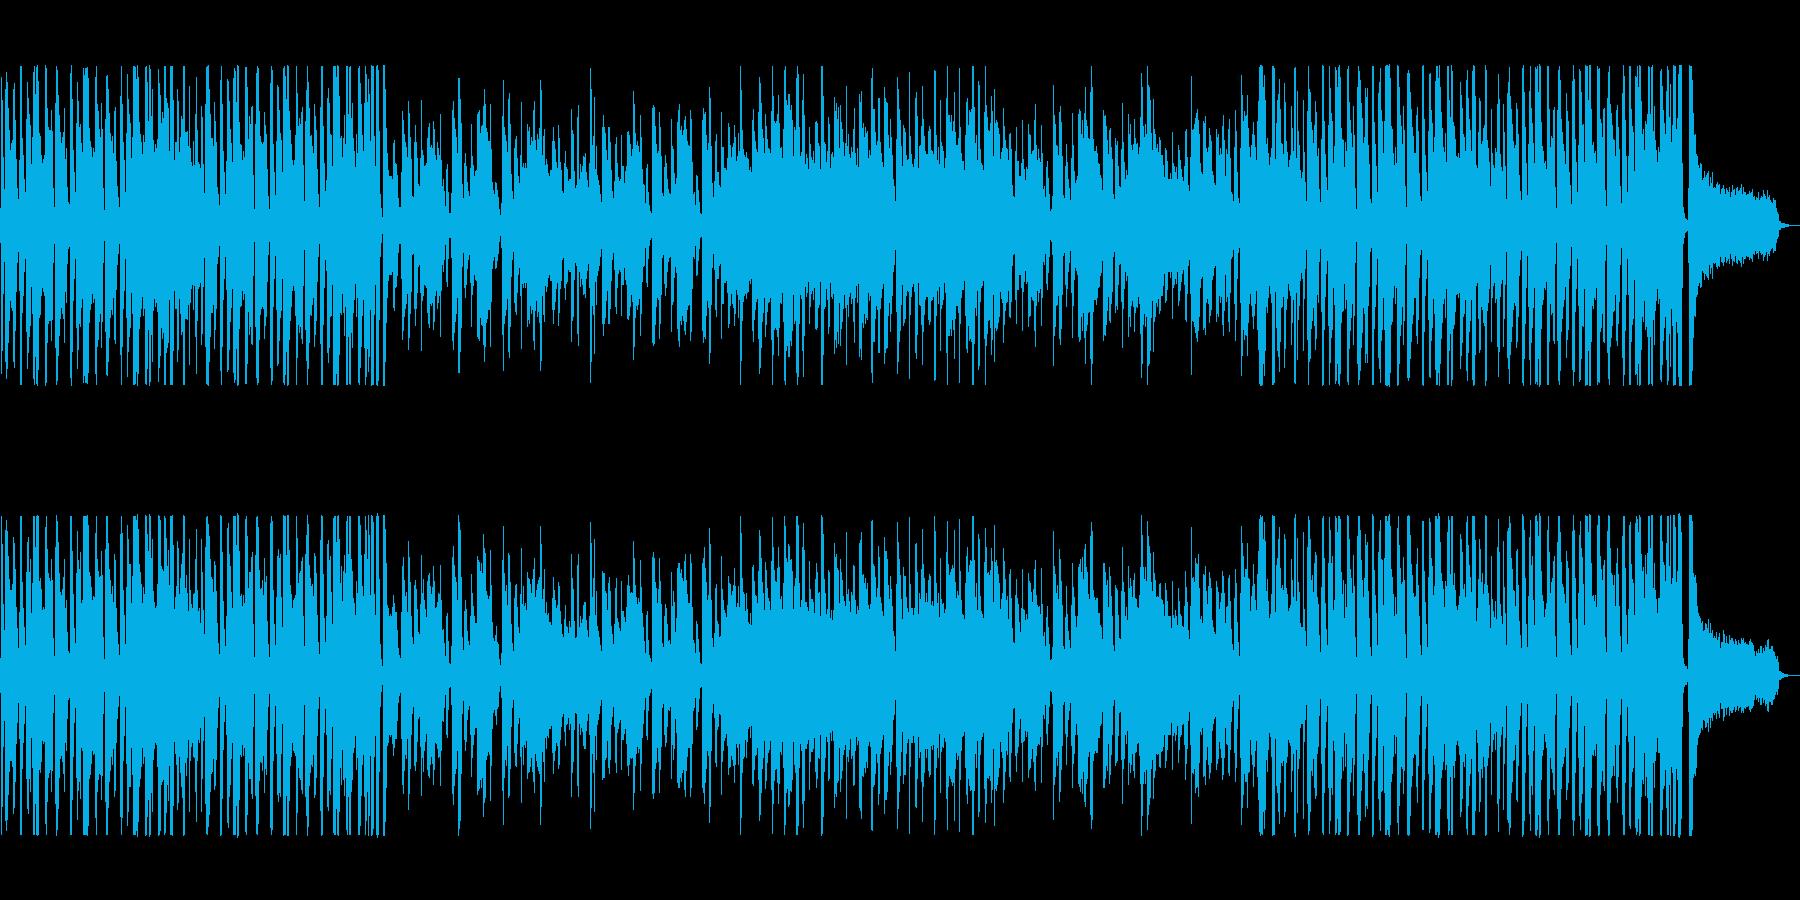 カントリー感のある軽快なテンポのポップスの再生済みの波形